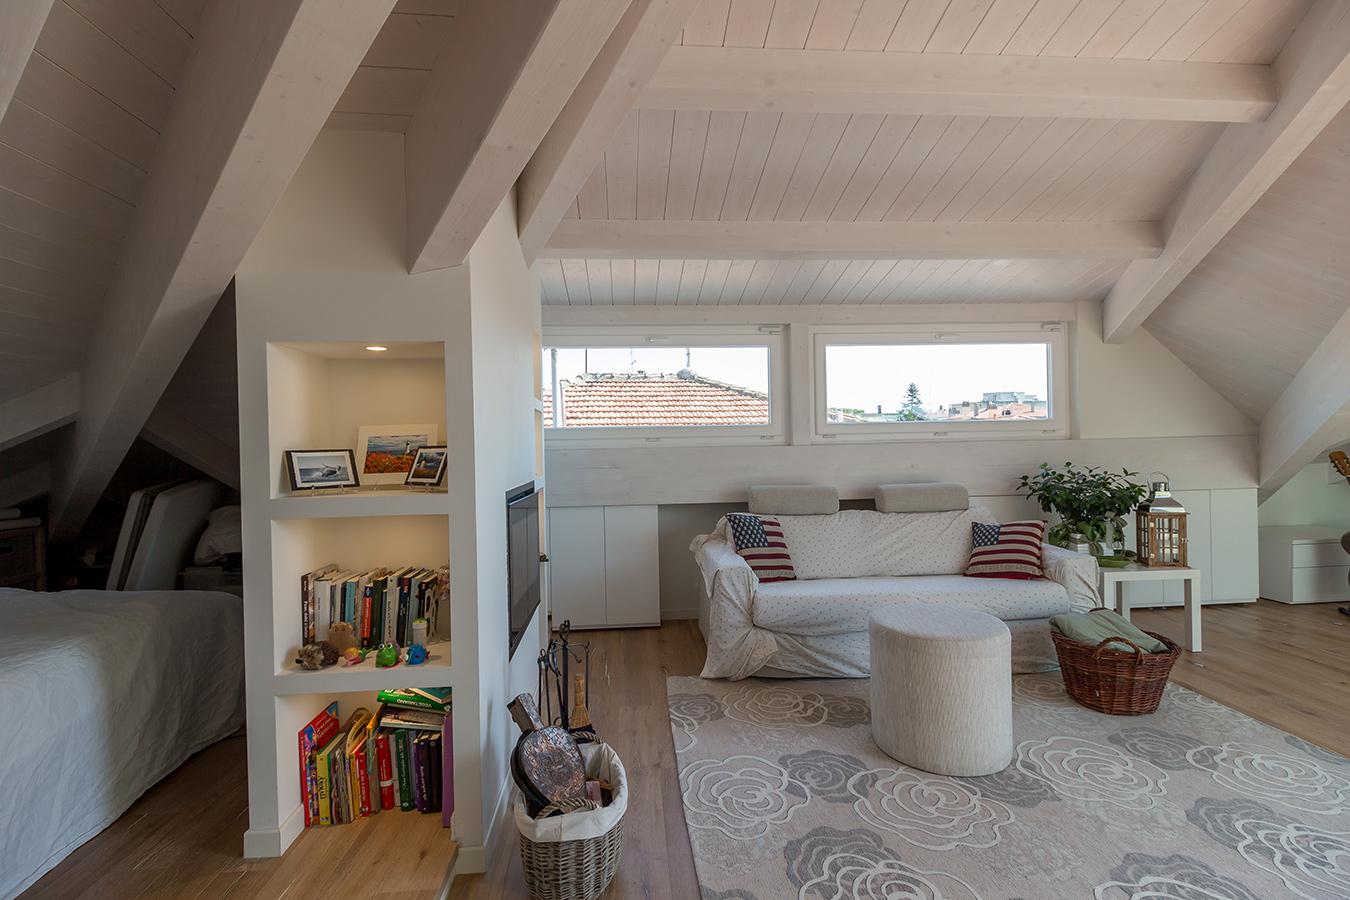 Soluzioni per sfruttare al meglio lo spazio for Camera da letto matrimoniale in mansarda